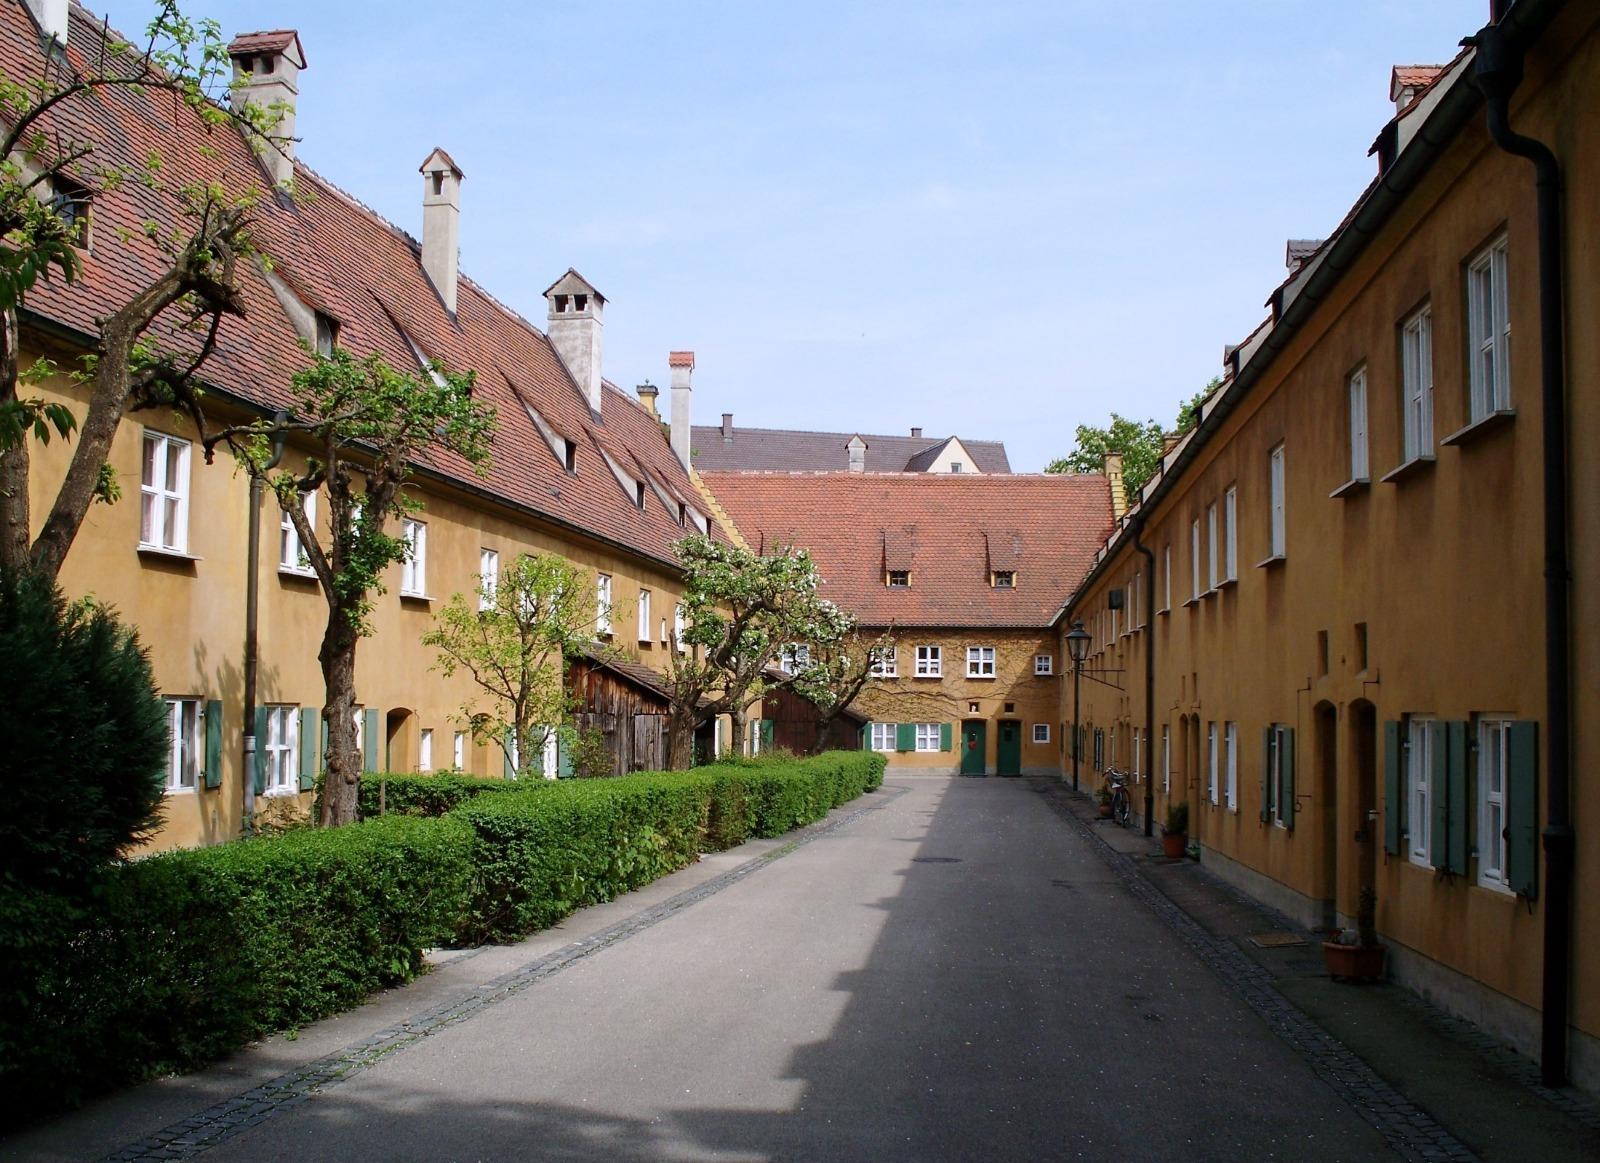 romantischestrasse12-1614865700.jpg